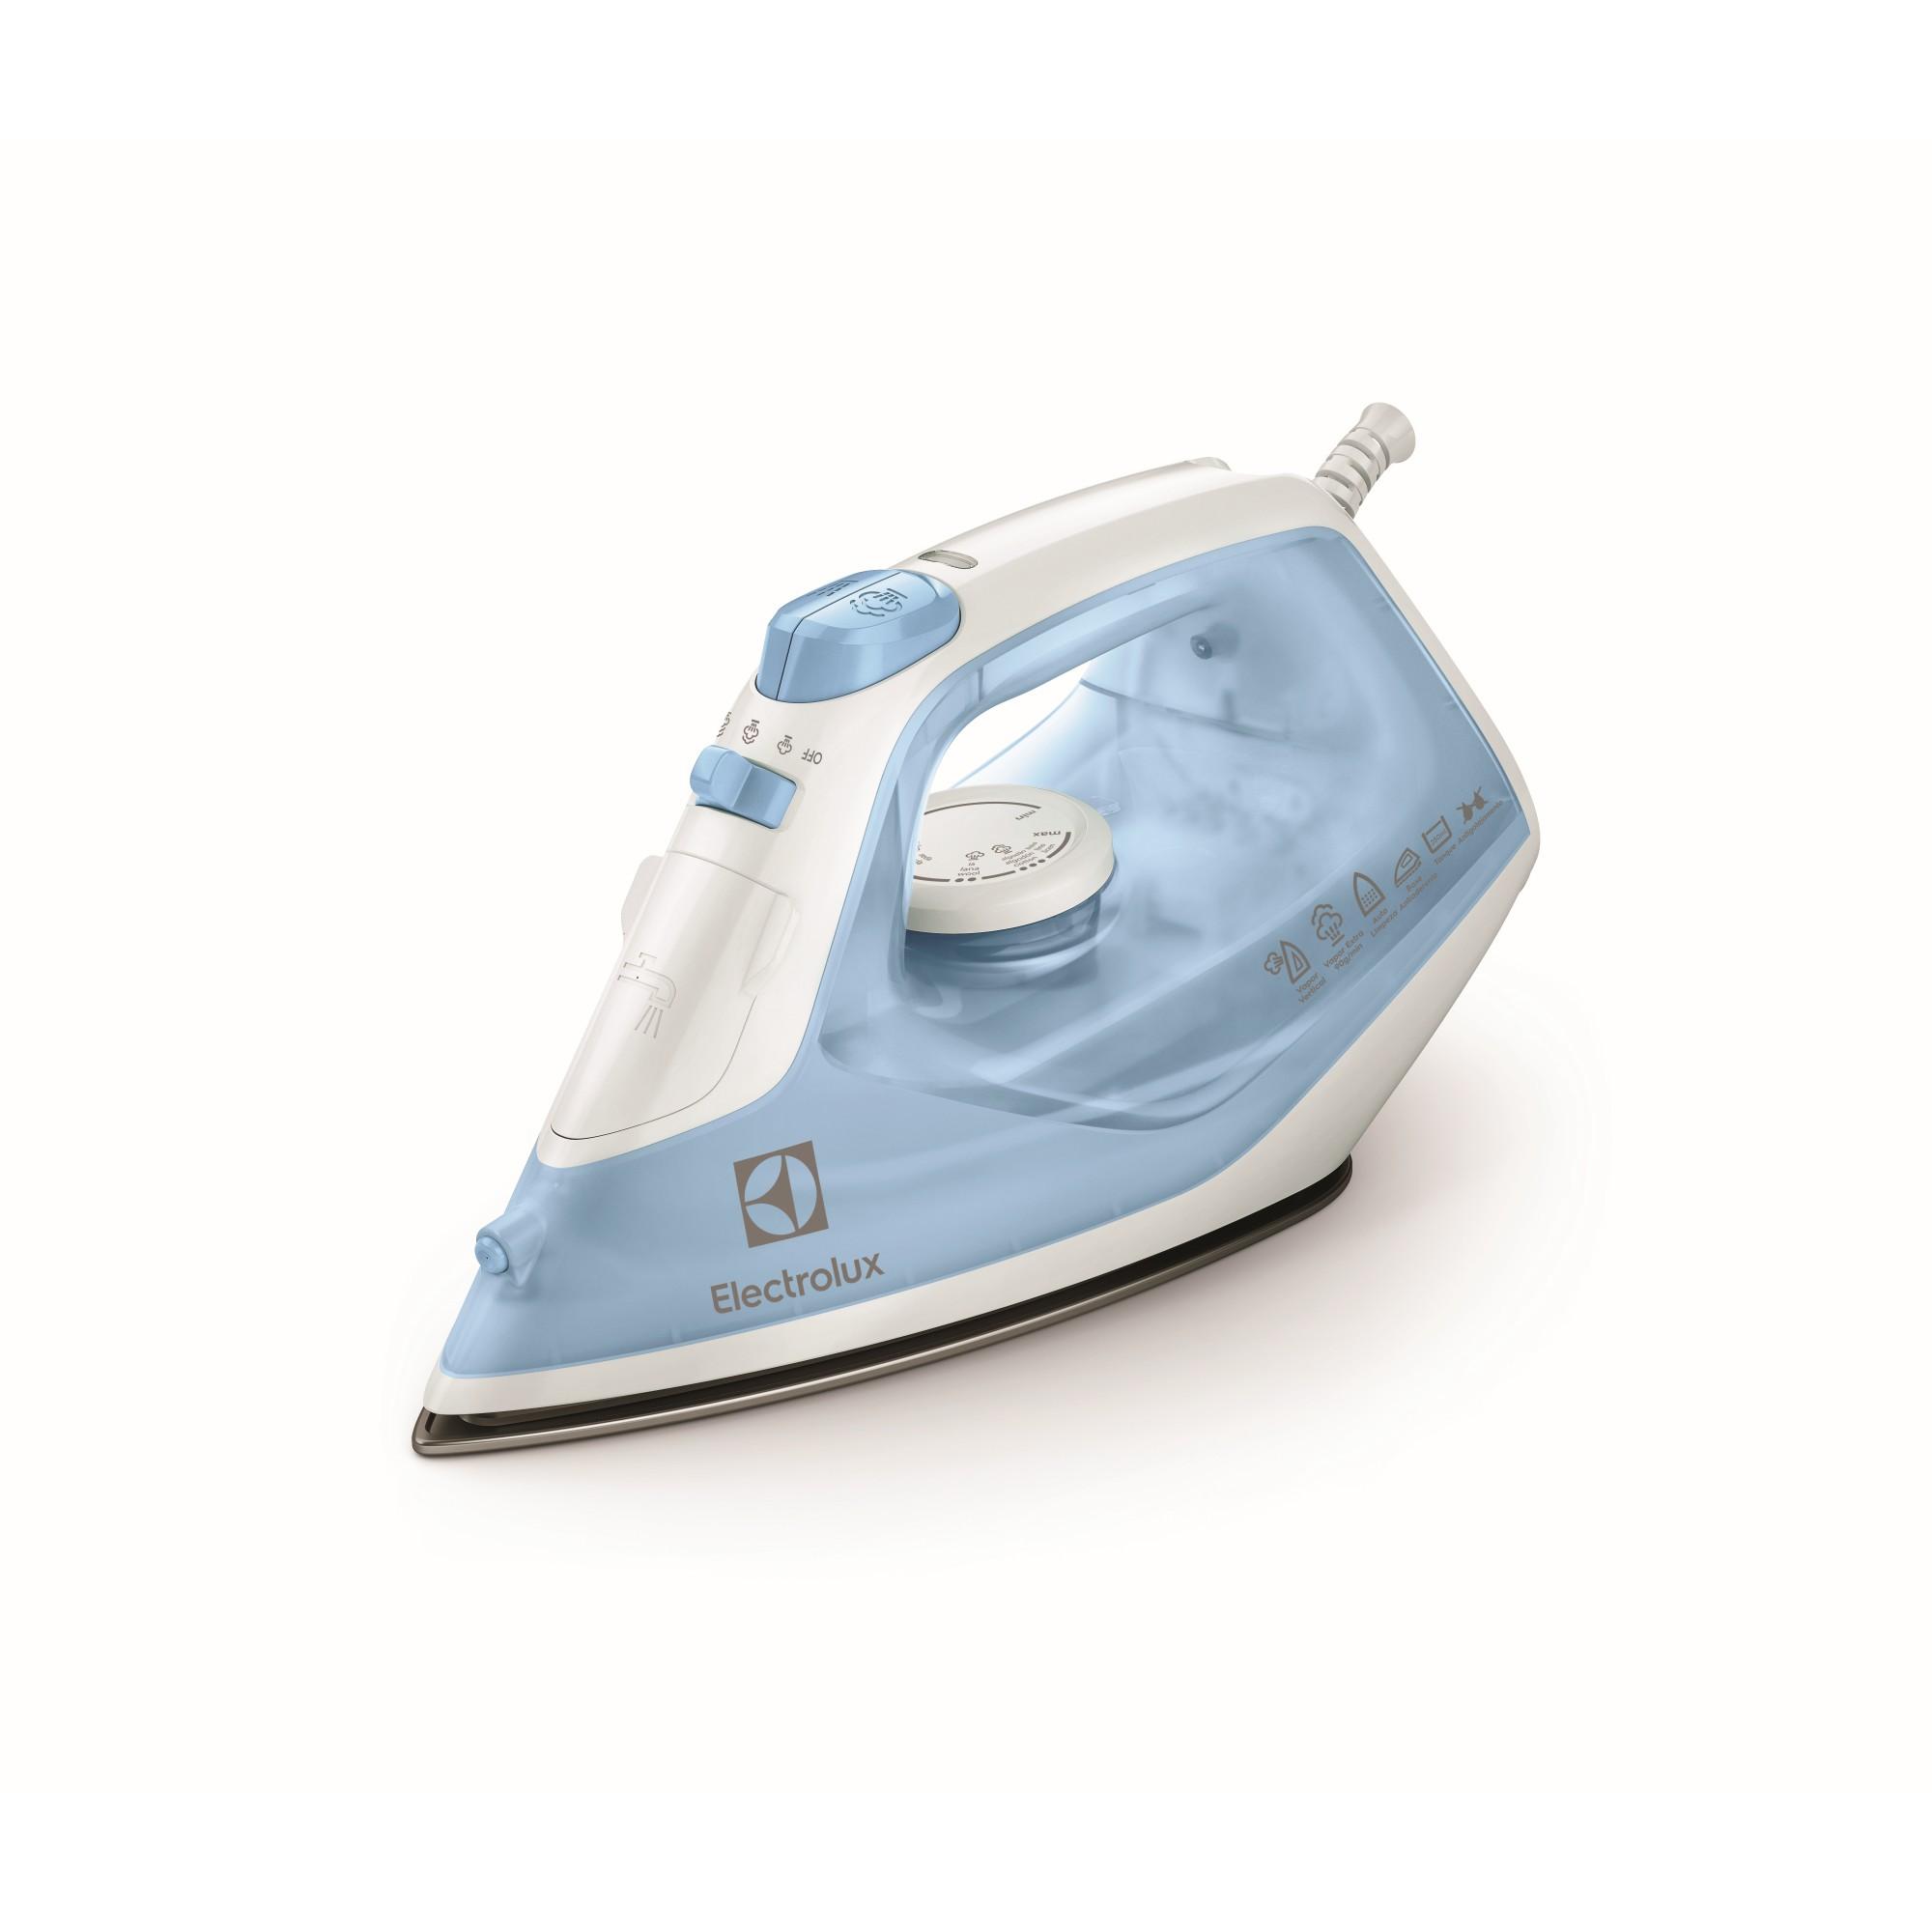 Ferro de Passar a Vapor e a Seco Easyline Electrolux SIE60 220V Azul Claro - Auto Limpeza